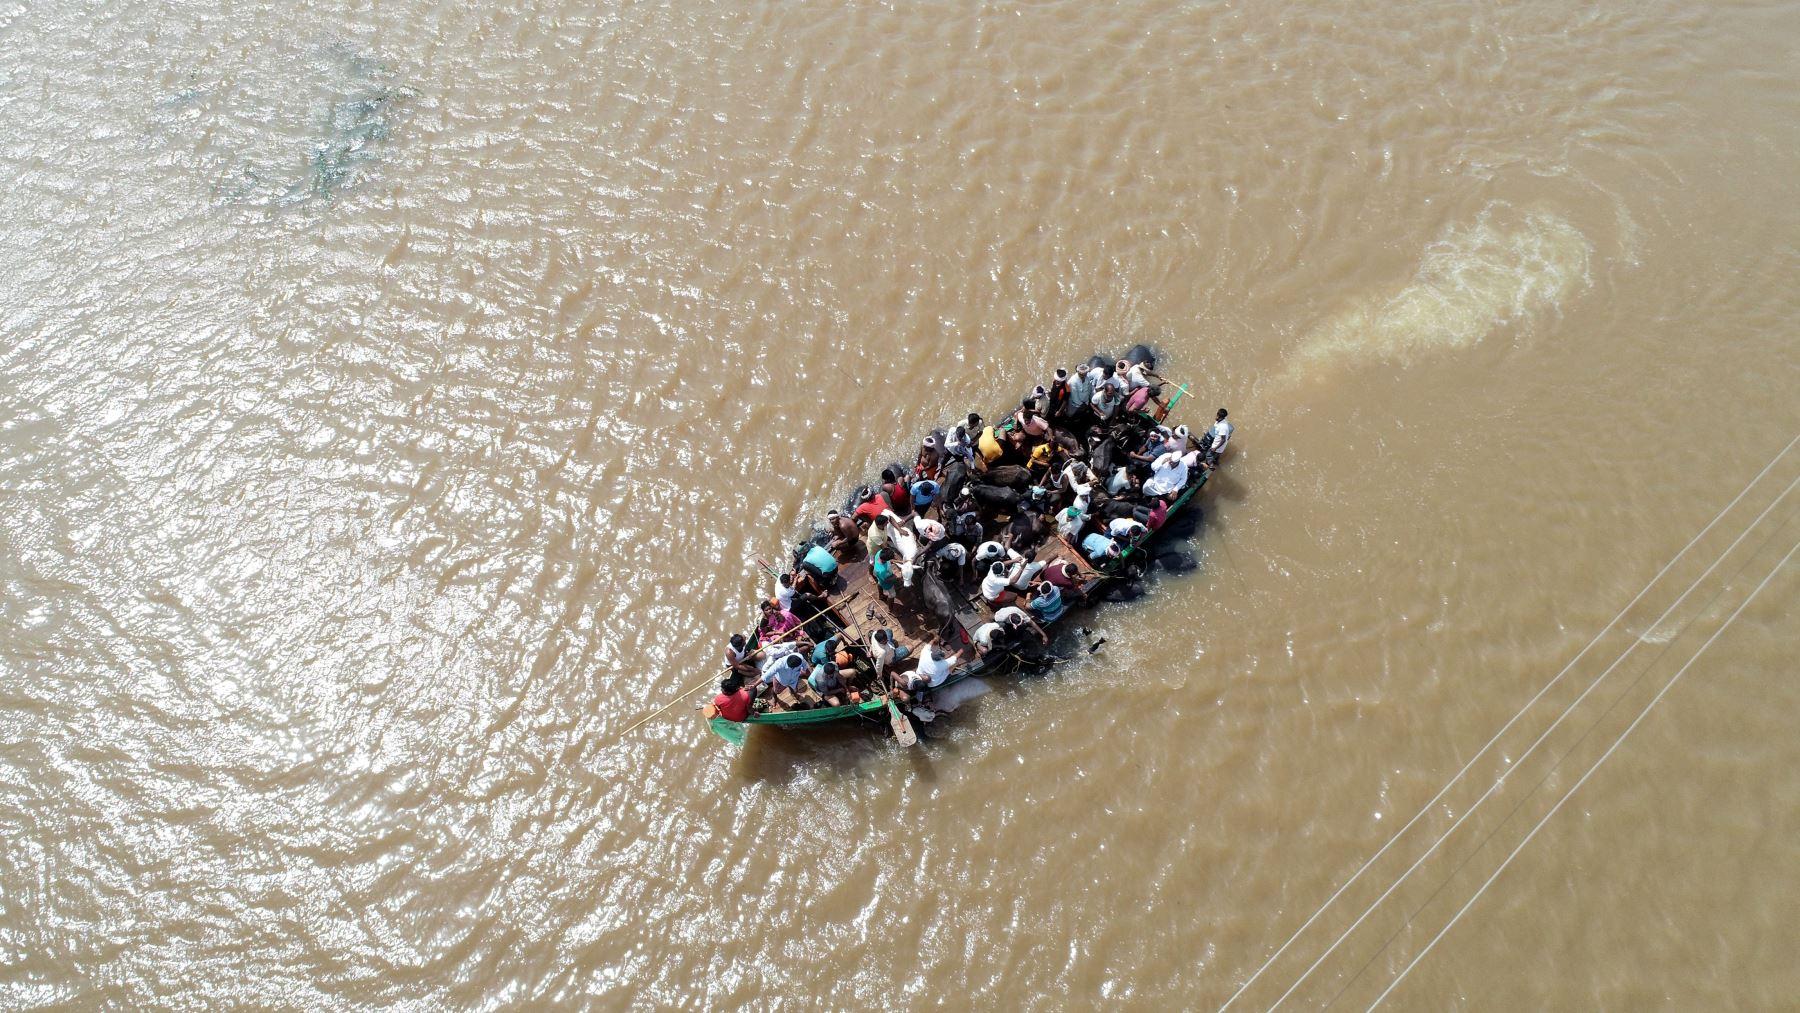 Vista aérea de rescatados en un barco por las inundaciones en la India. AFP